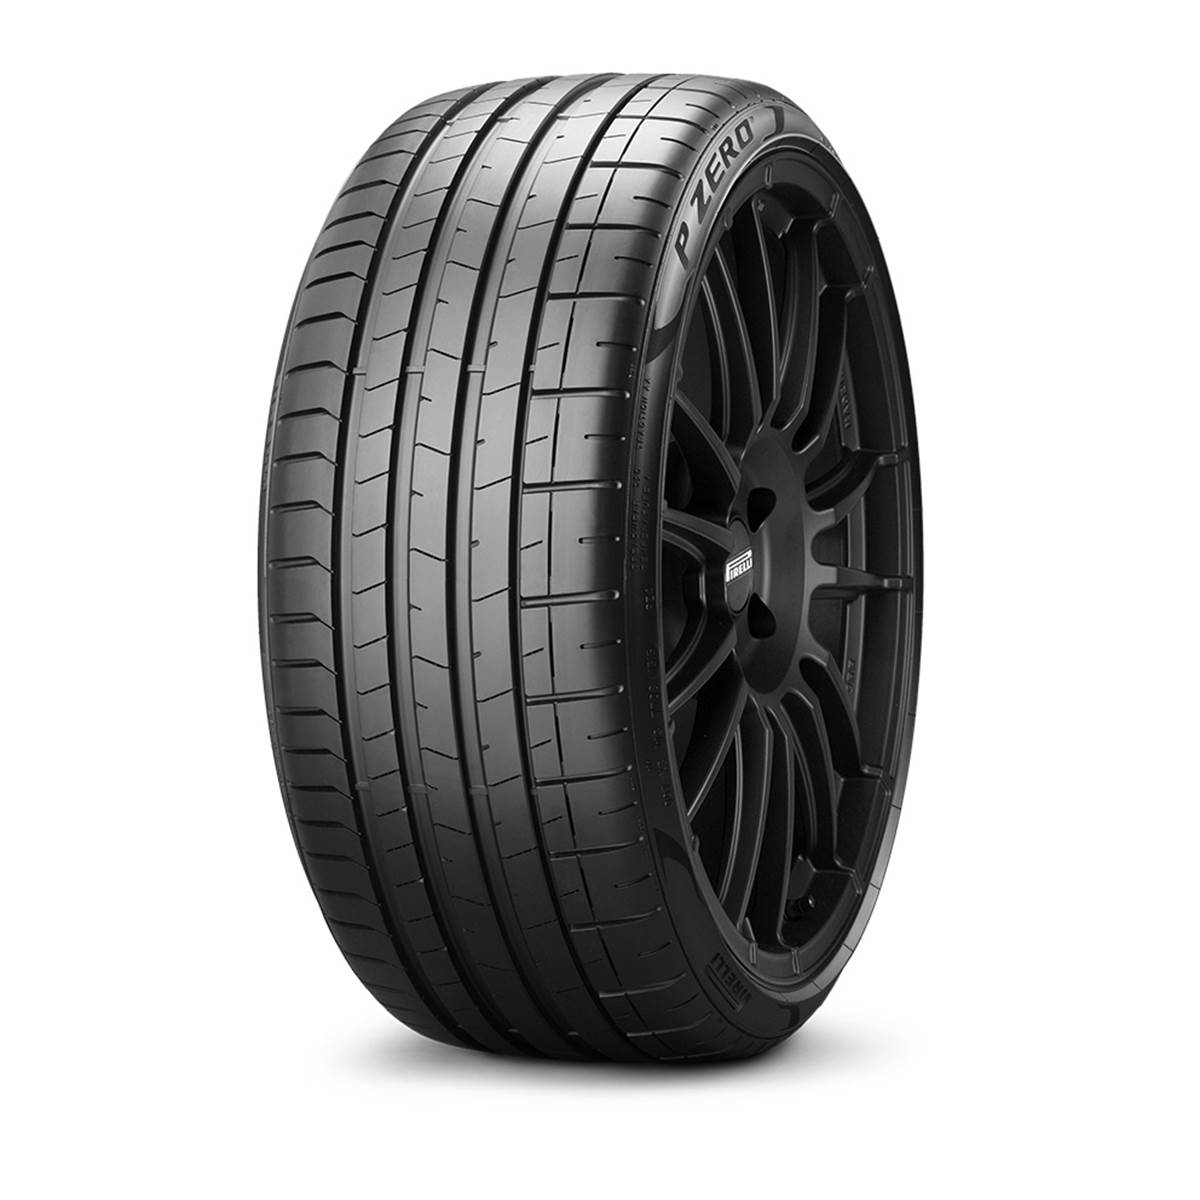 Pneu Runflat Pirelli 205/50R17 89V Pzero